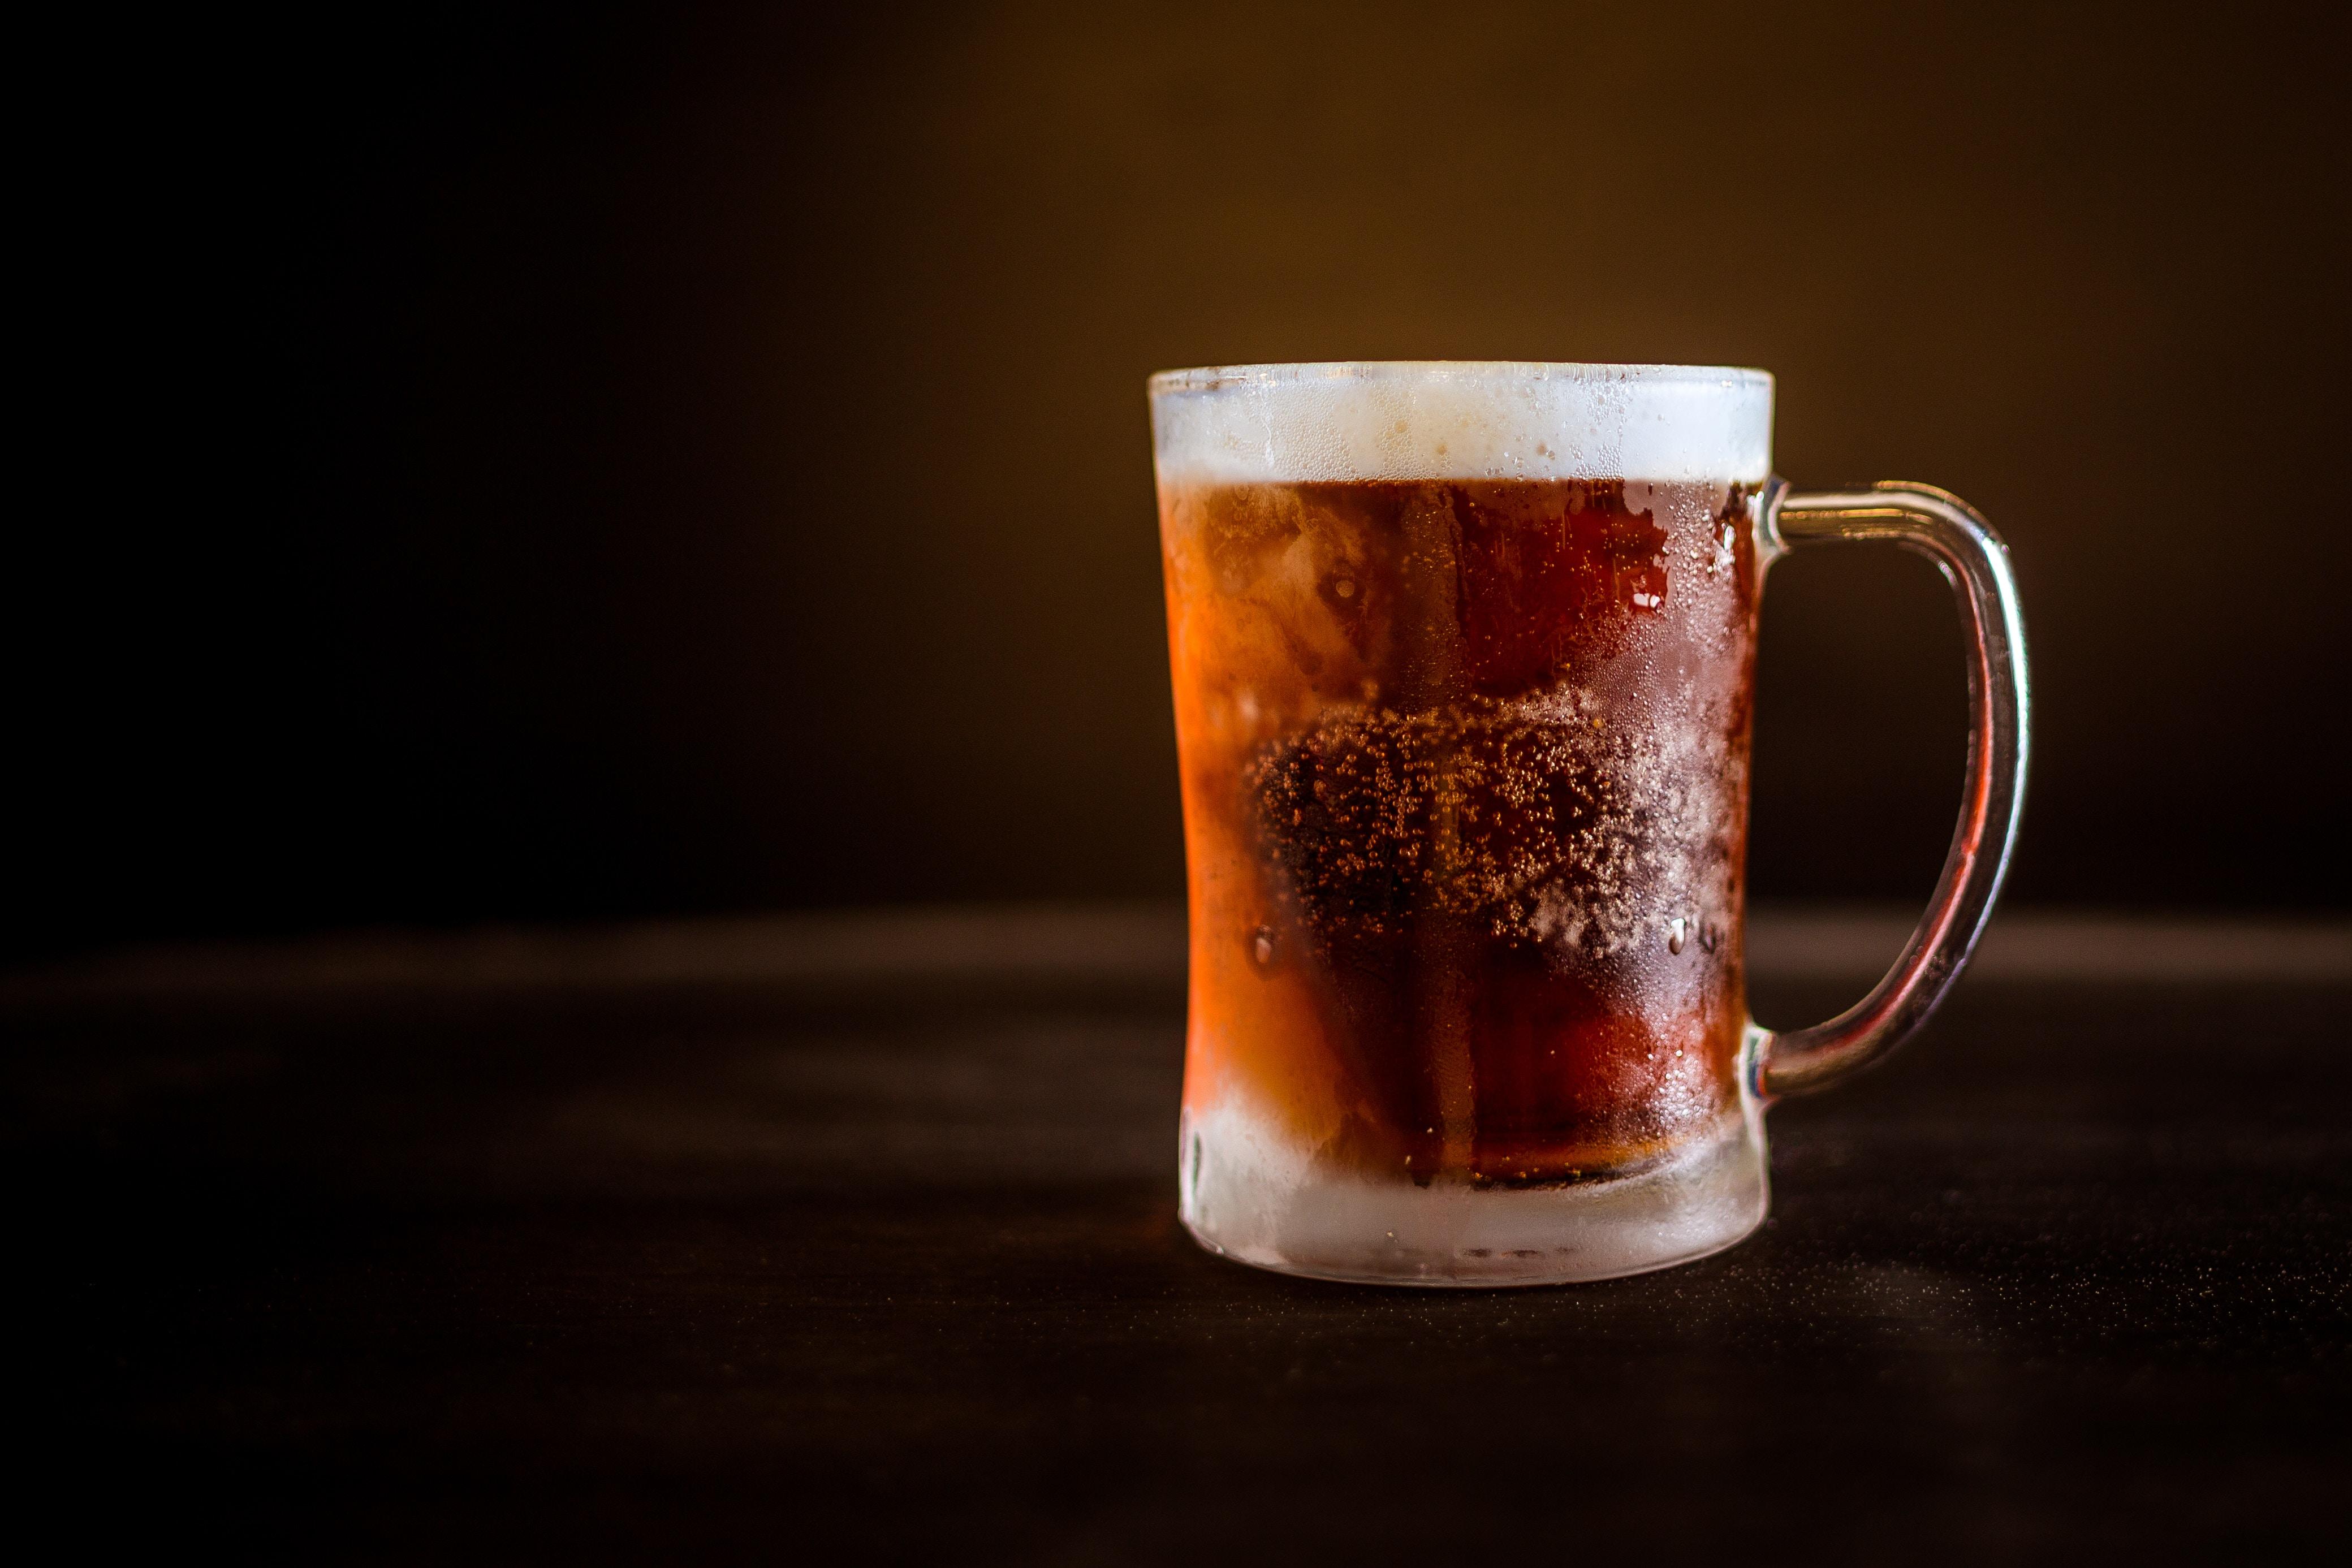 KELAG: Heizen mit Bier